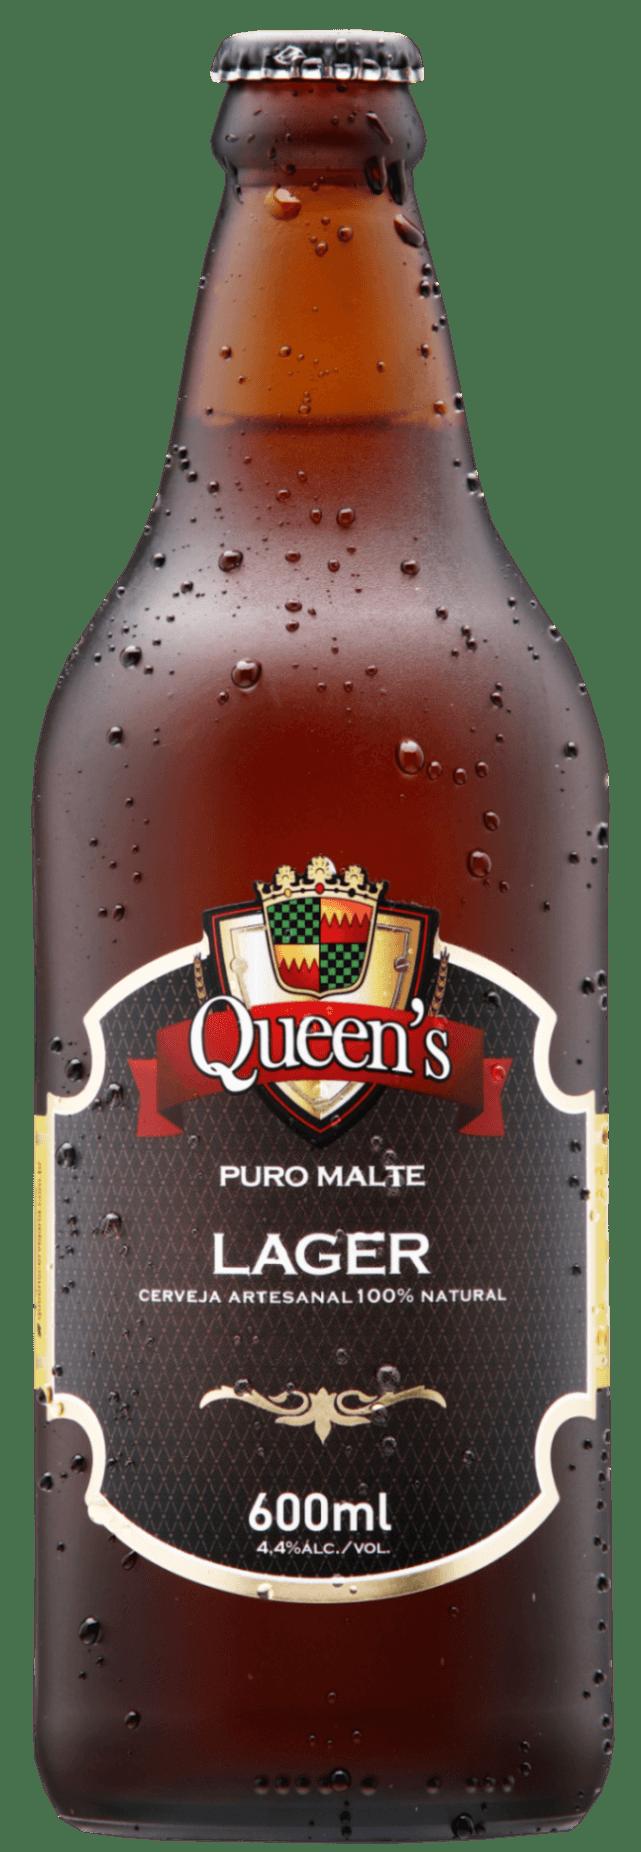 Queen's Lager